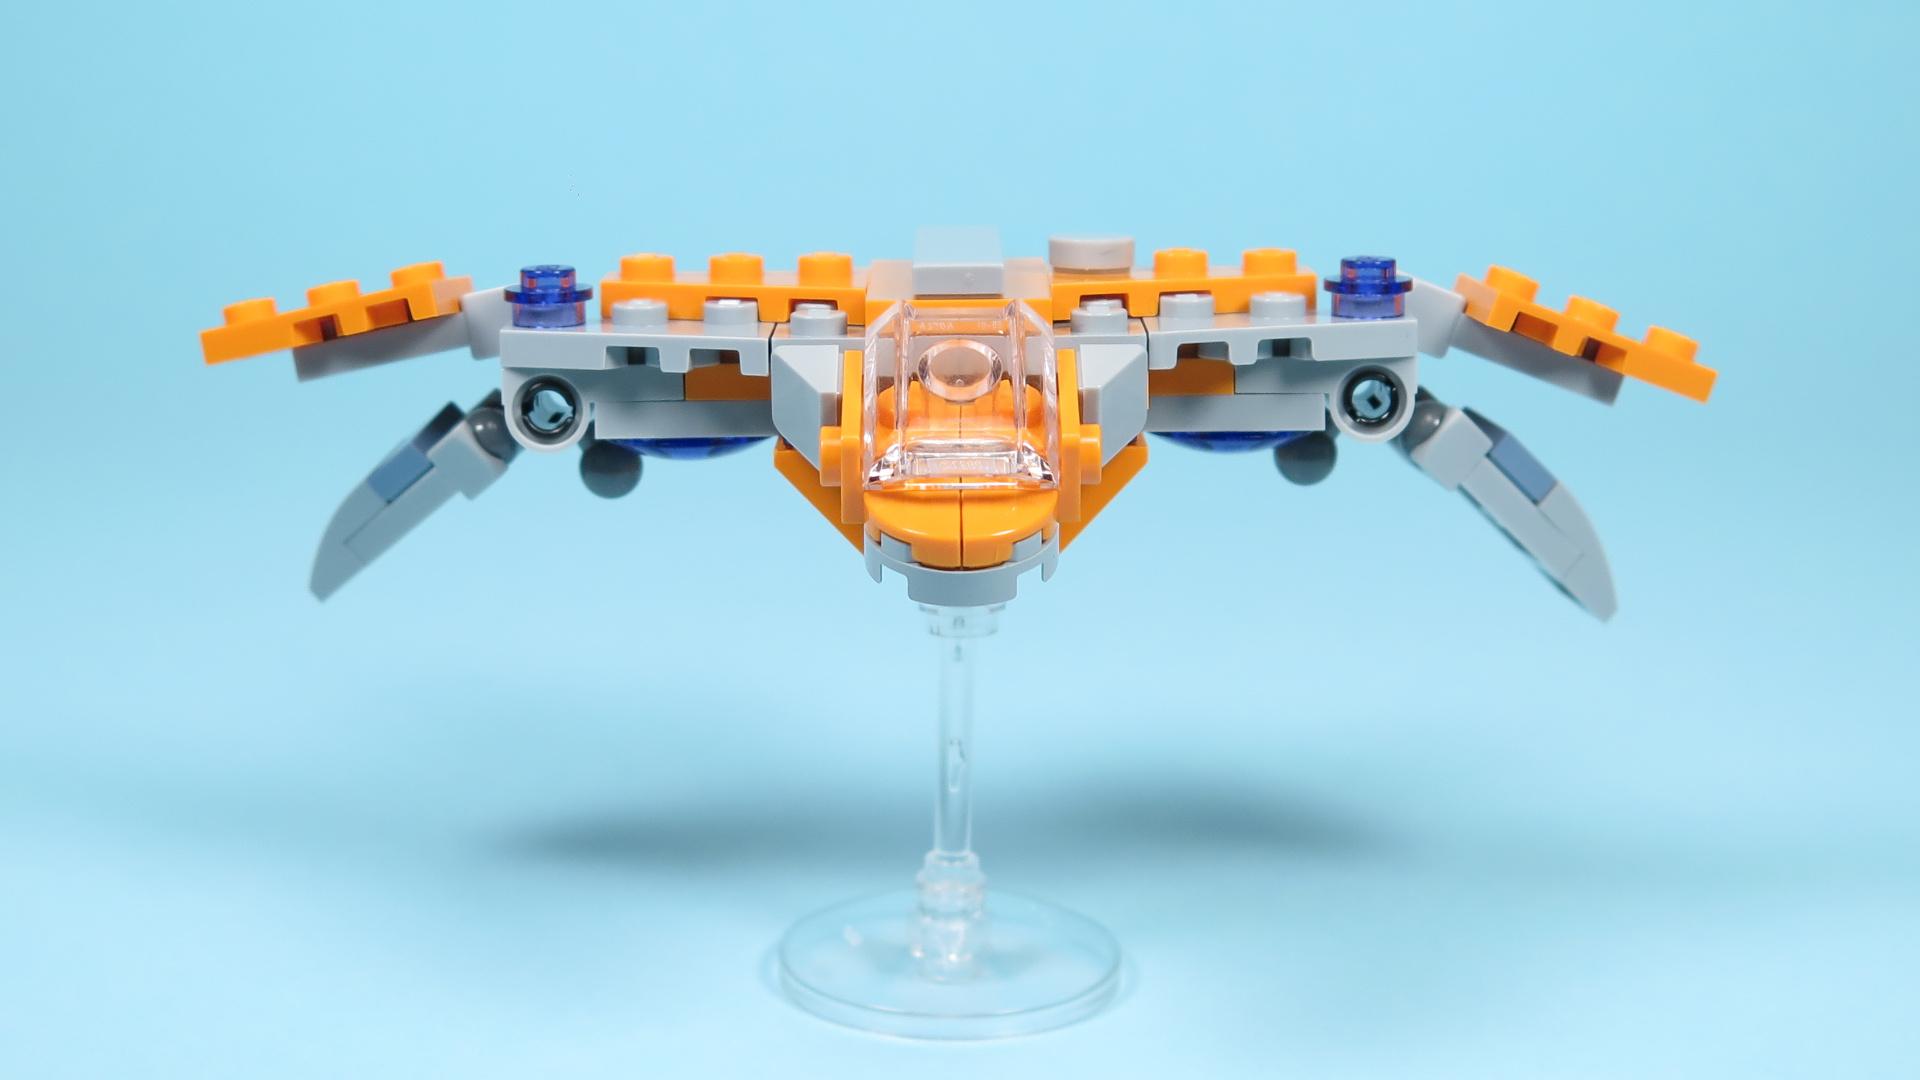 Ziemlich Lego Star Wars Schiffe Färbung Seiten Bilder - Entry Level ...